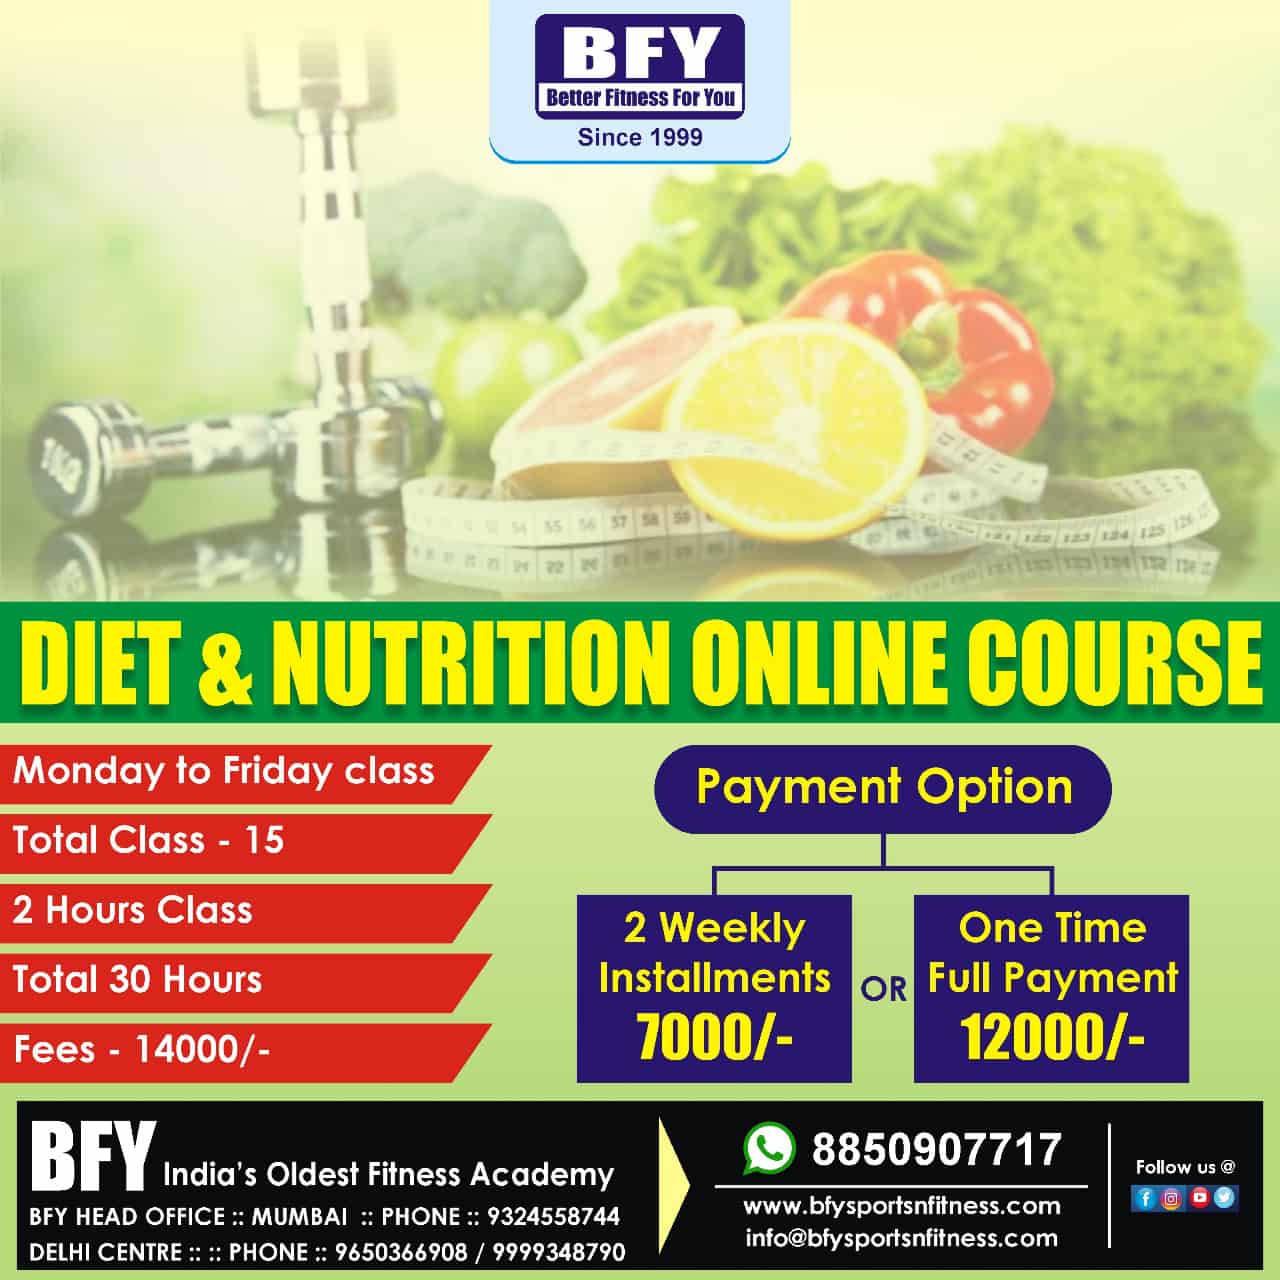 Diet & Nutition Course